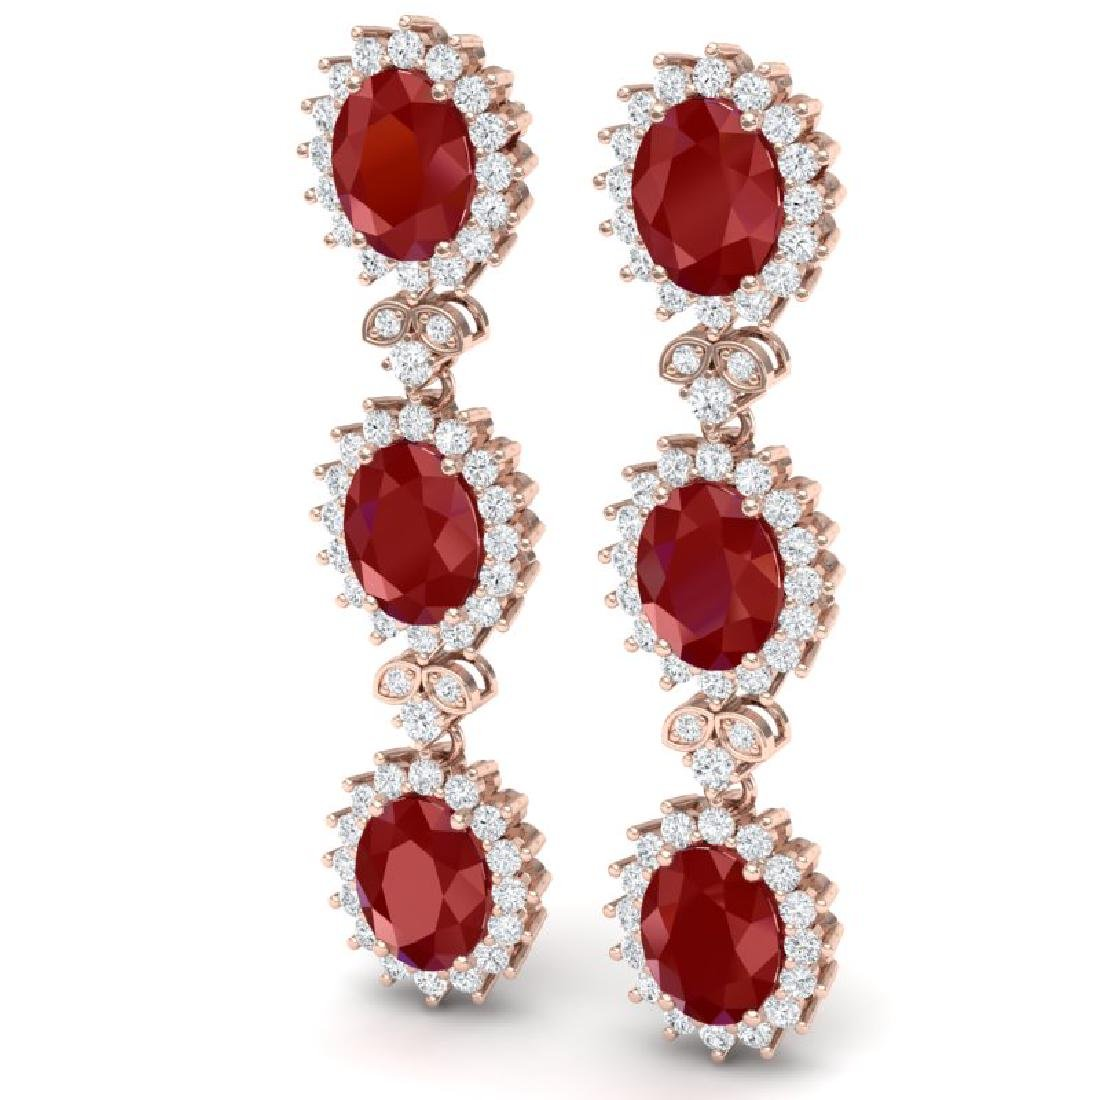 24.52 CTW Royalty Designer Ruby & VS Diamond Earrings - 2